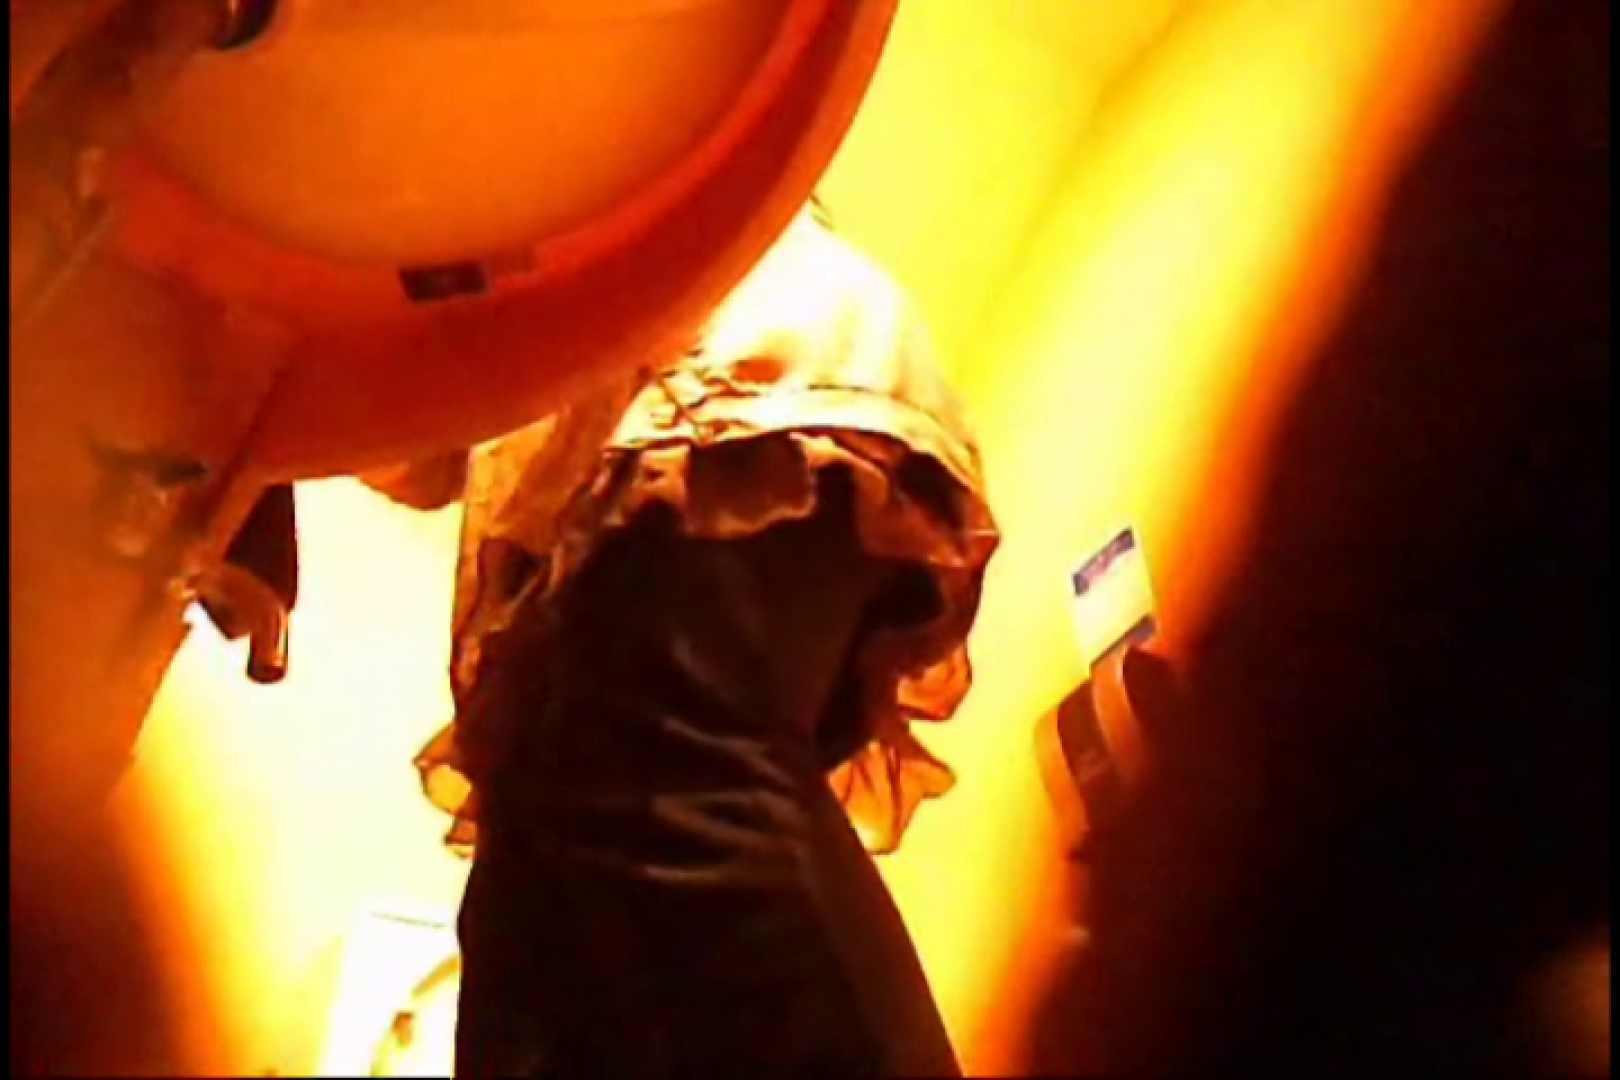 潜入!!女子化粧室盗撮~絶対見られたくない時間~vo,19 巨乳 すけべAV動画紹介 85pic 3